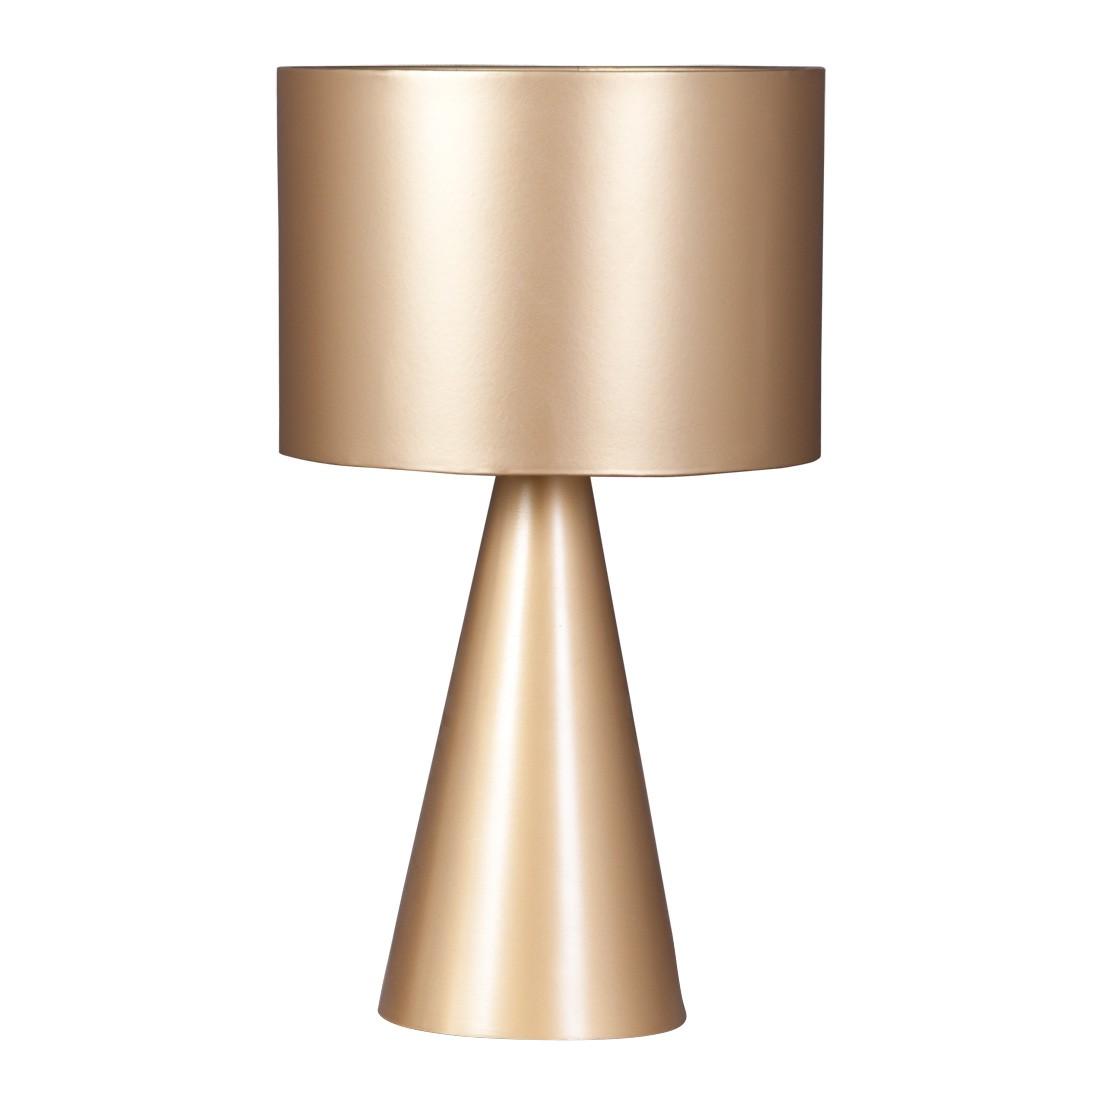 EEK A++, Lampe de table Cutis - Matière synthétique - 1 ampoule, Loistaa